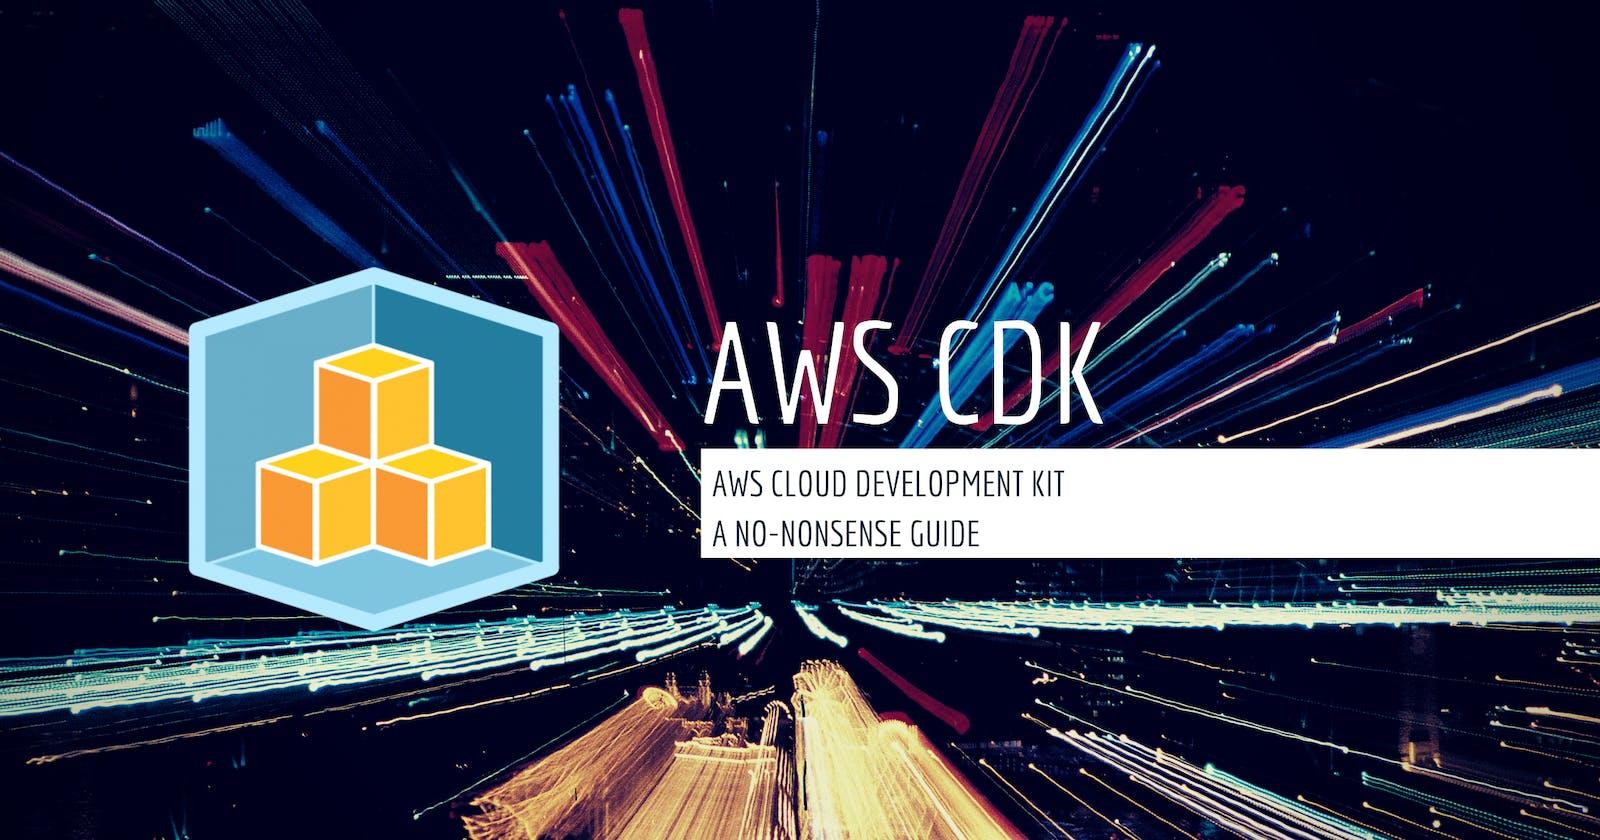 A No-Nonsense Guide To AWS Cloud Development Kit (CDK)